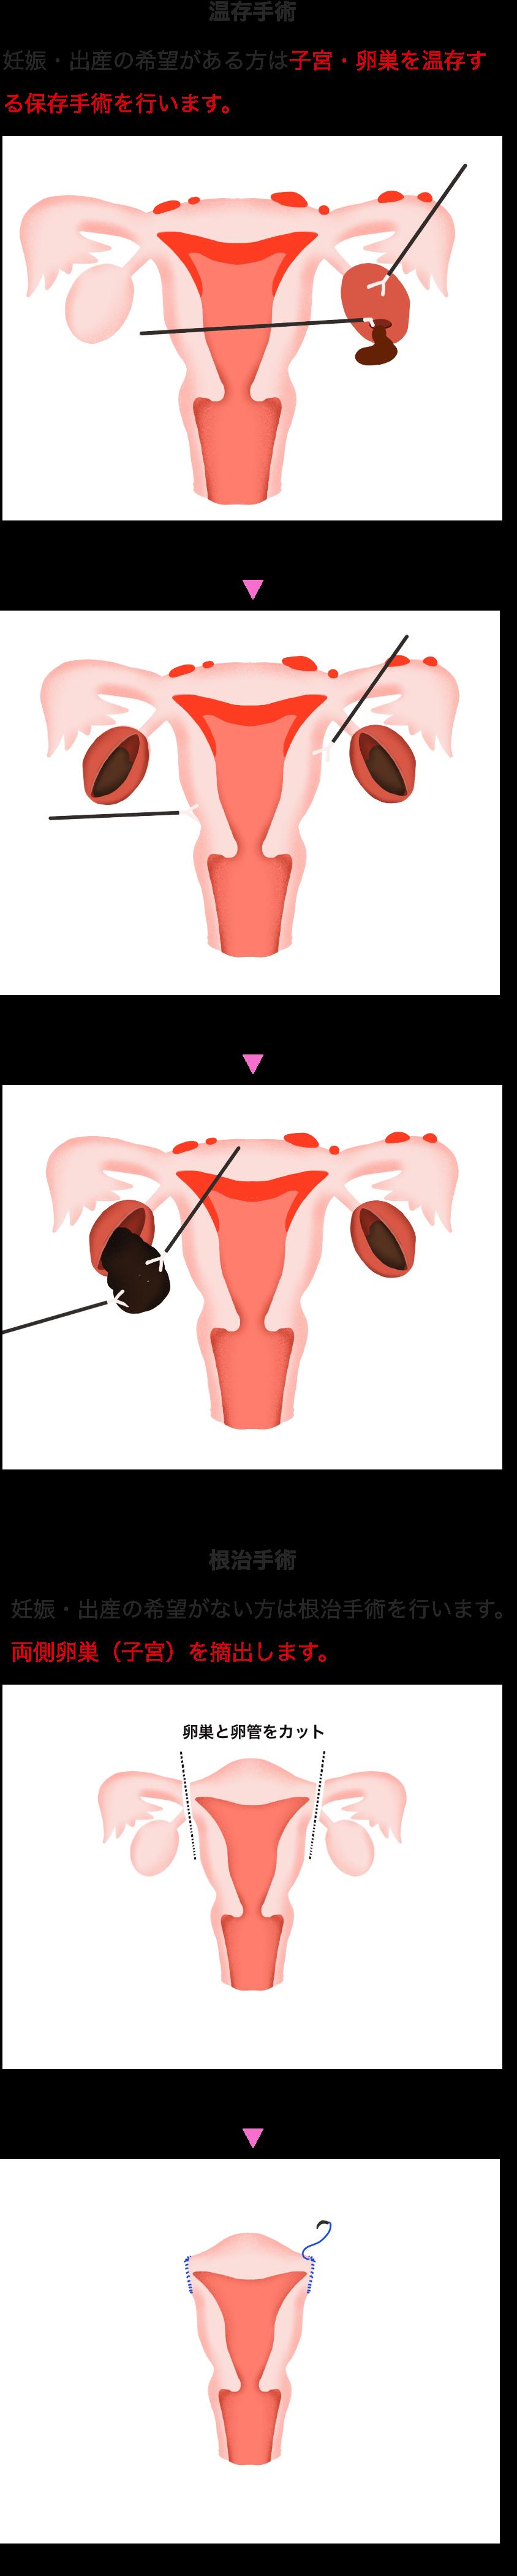 子宮 卵巣 全 摘出